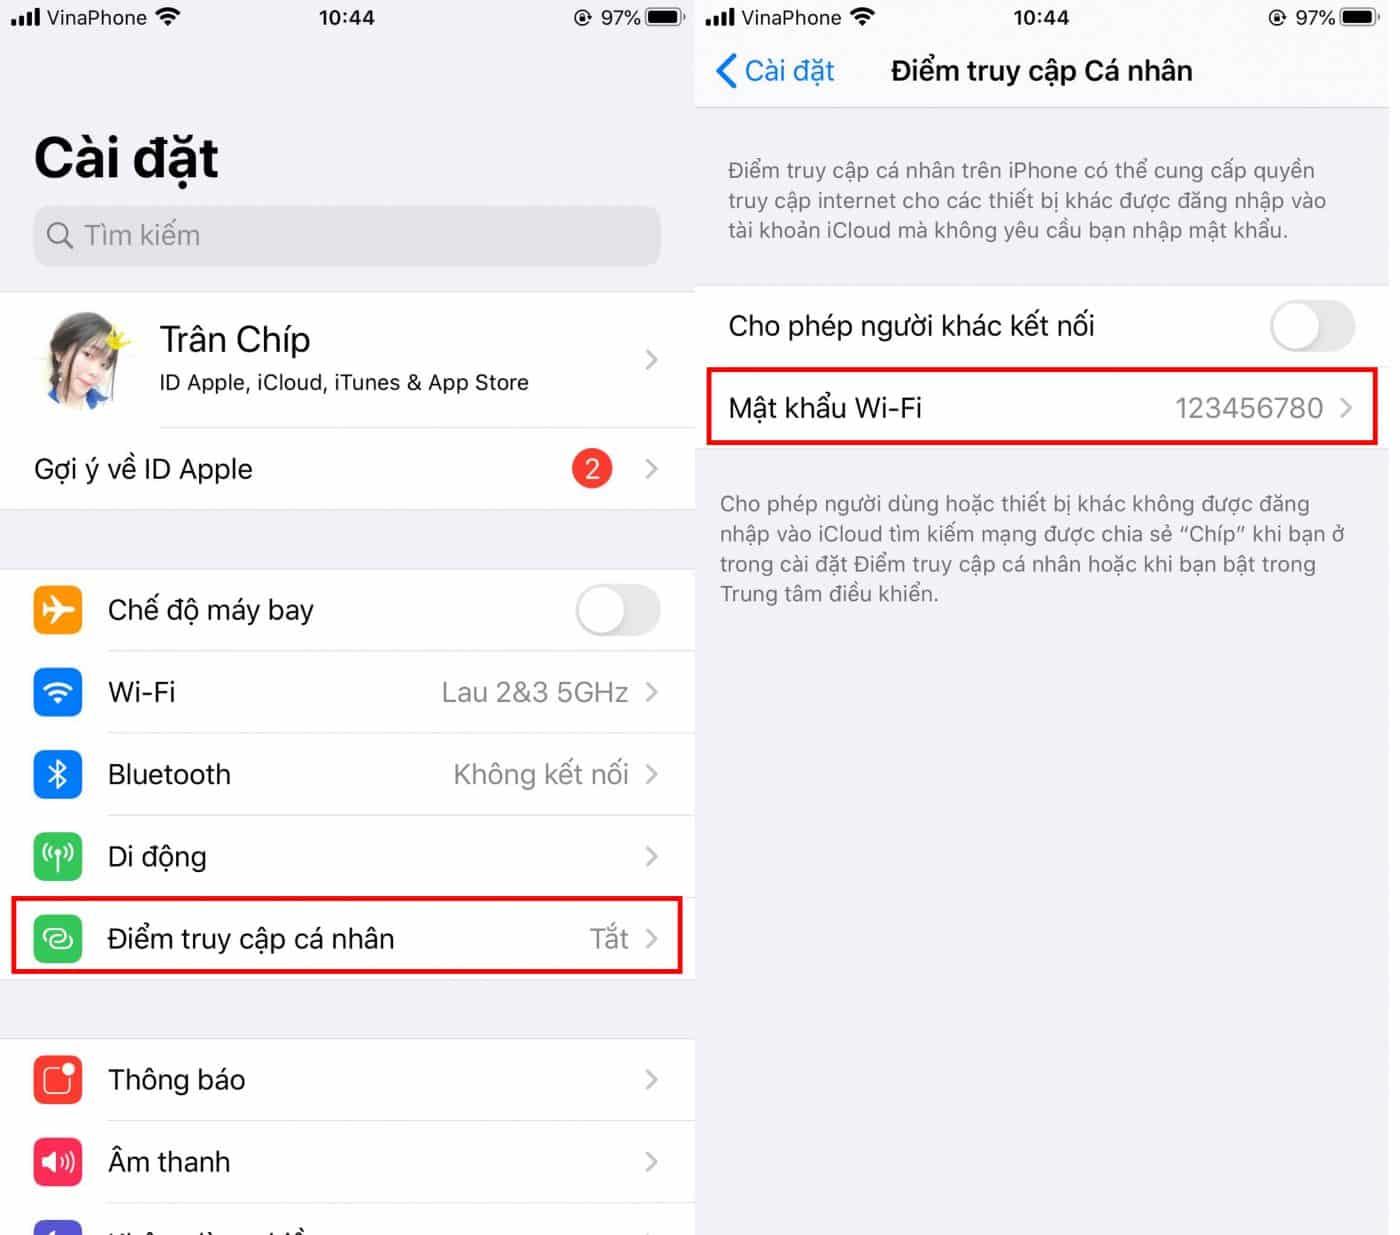 xem mật khảu wifi trên iPhone